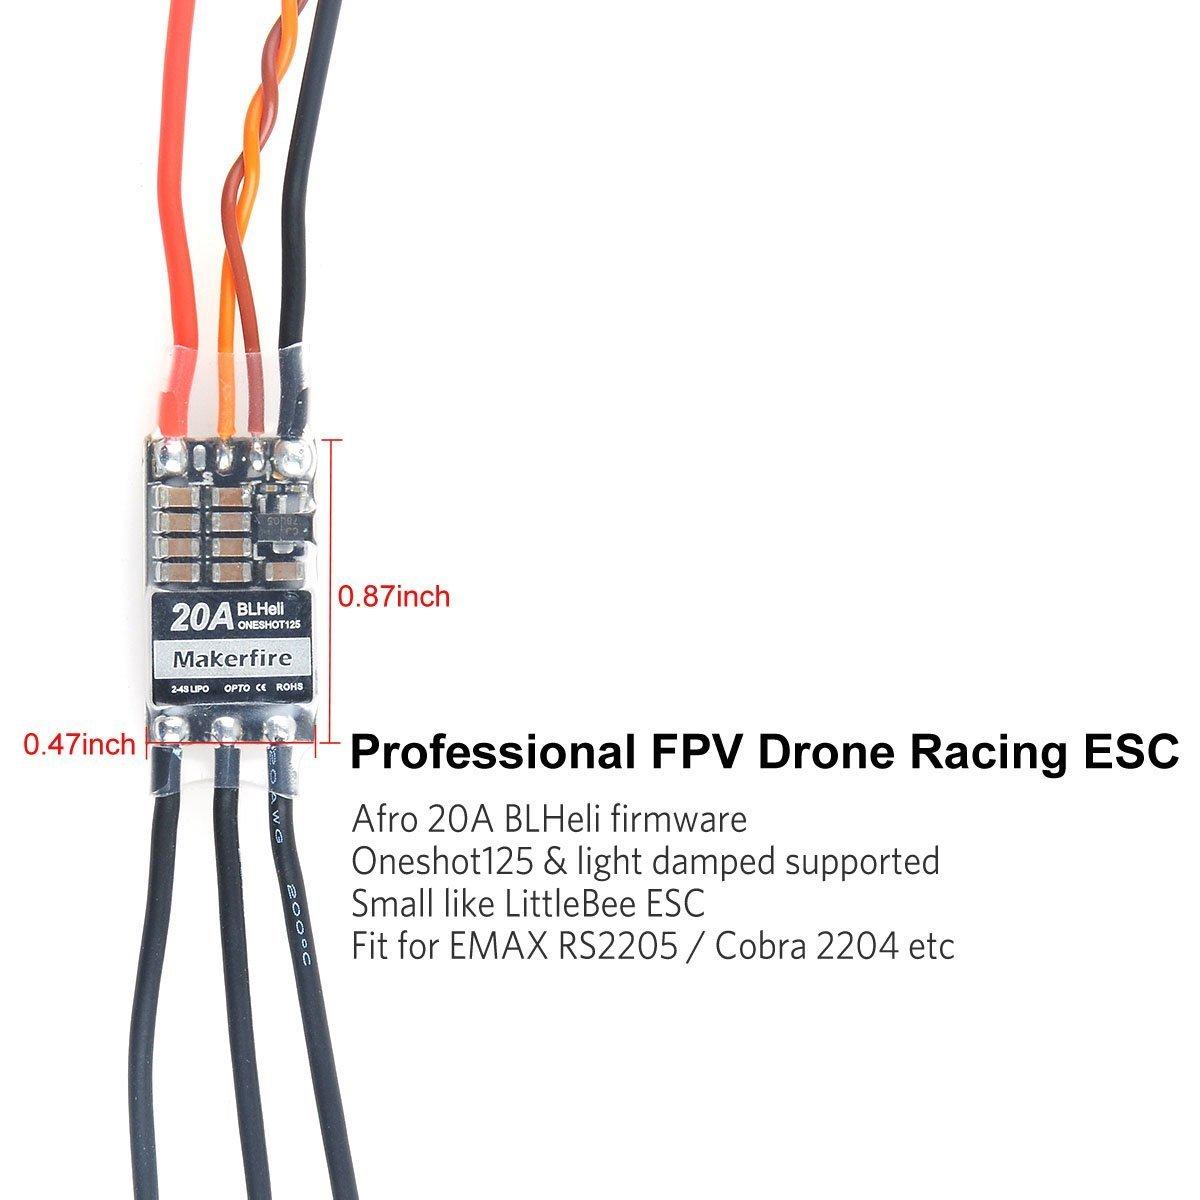 Strange Makerfire 4Pcs Esc 20A Blheli Brushless Speed Controller For Qav250 Wiring 101 Eattedownsetwise Assnl